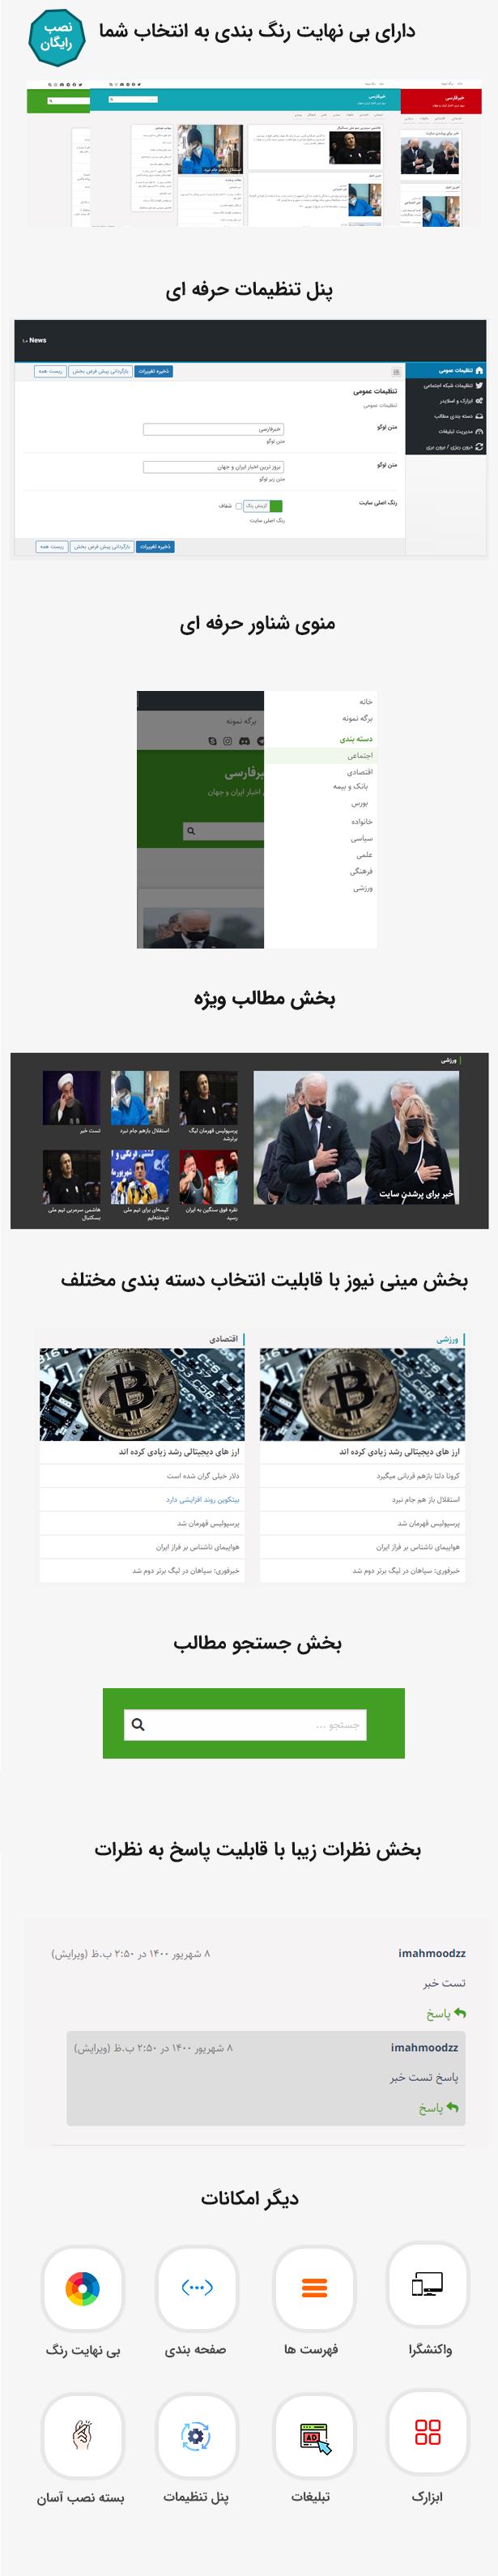 صفحات قالب خبری وردپرس فارسی نیوز